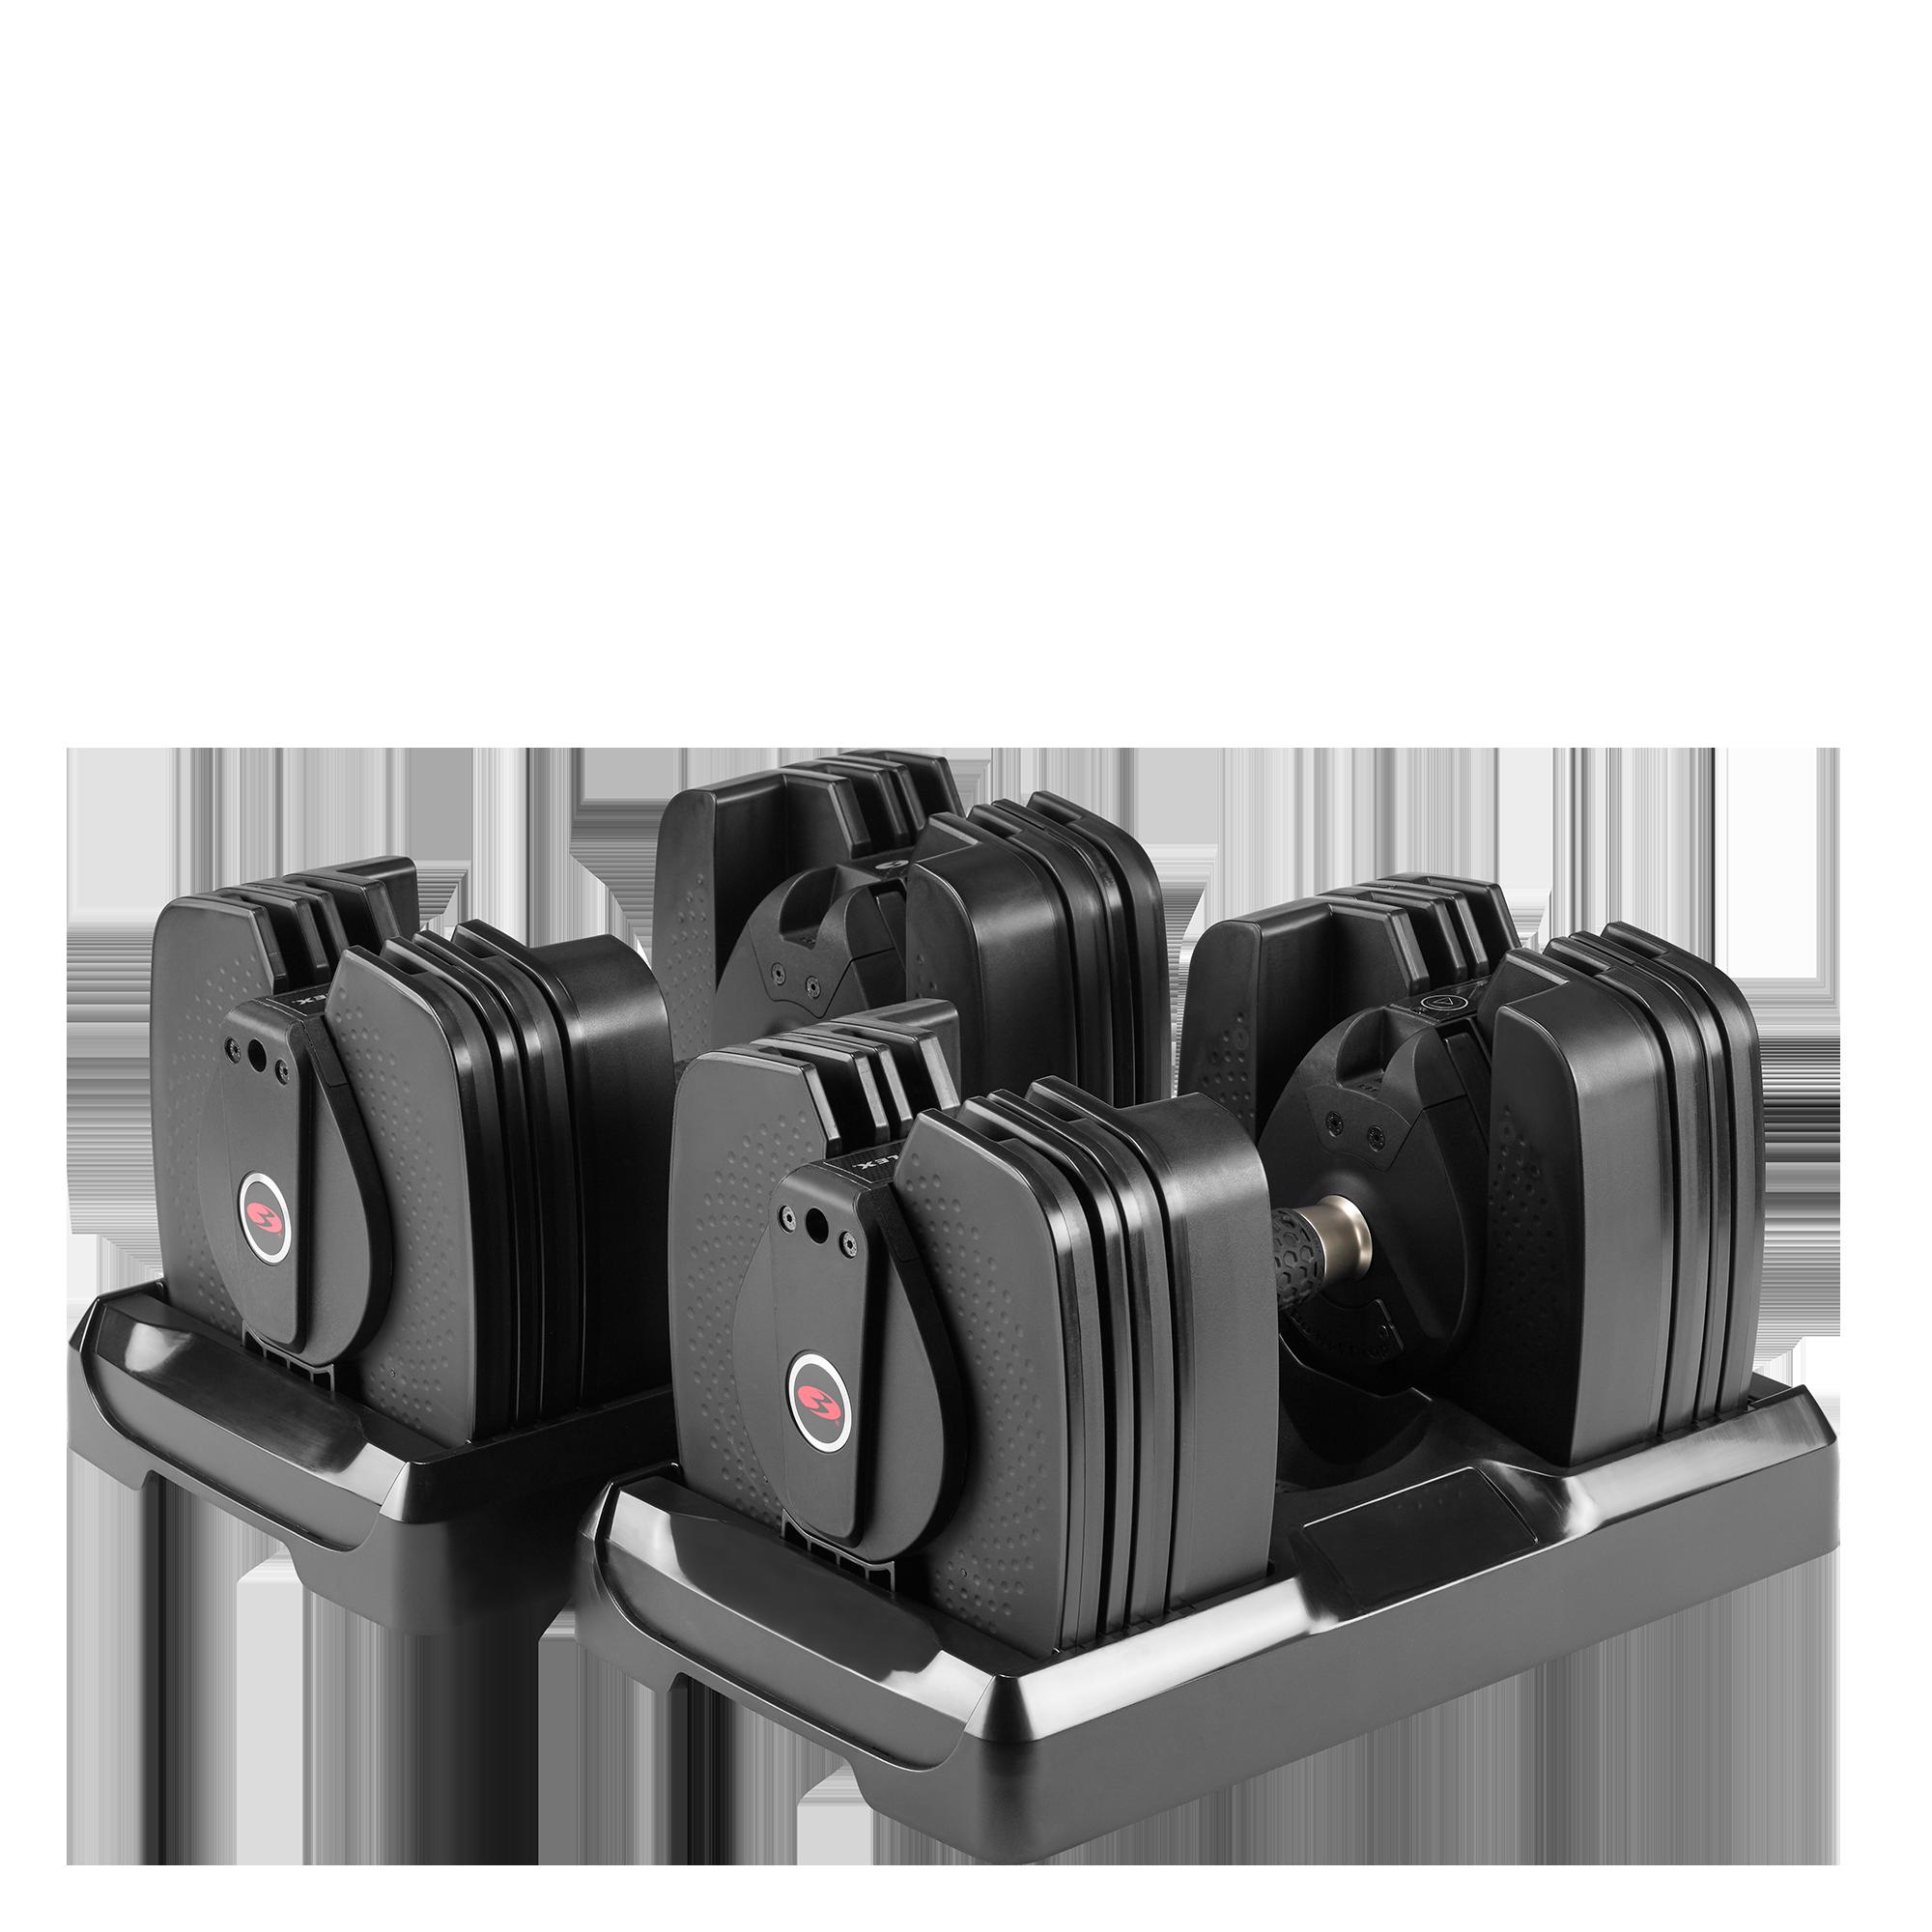 Bowflex Adjustable Dumbbells Used: Bowflex SelectTech 560 Dumbbells